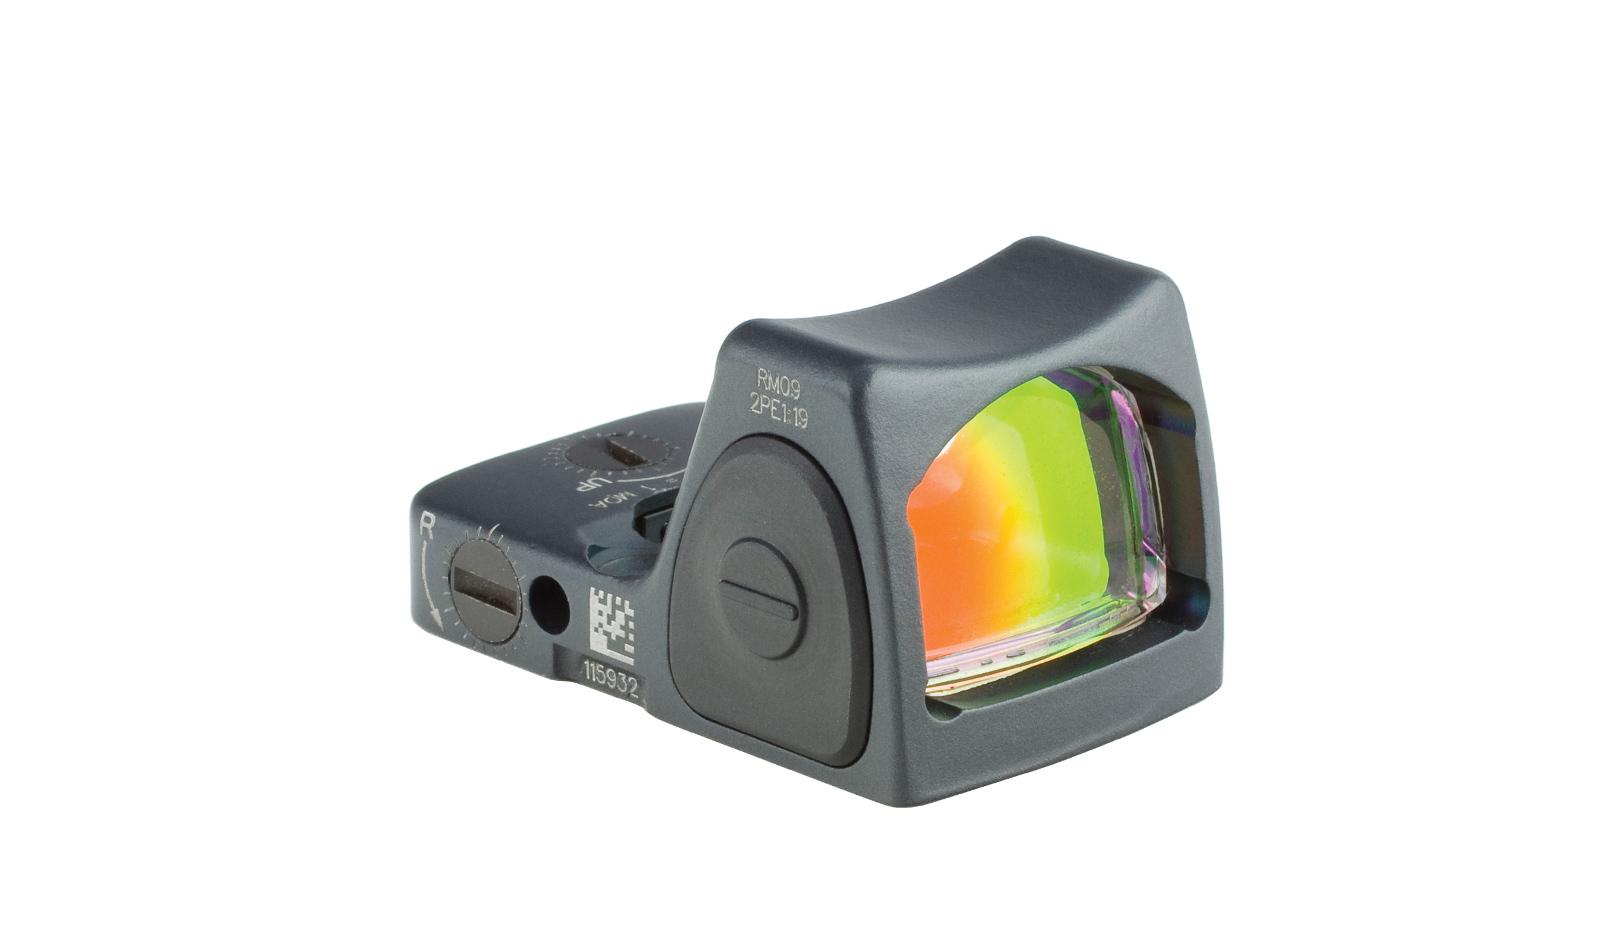 RM09-C-700743 angle 7